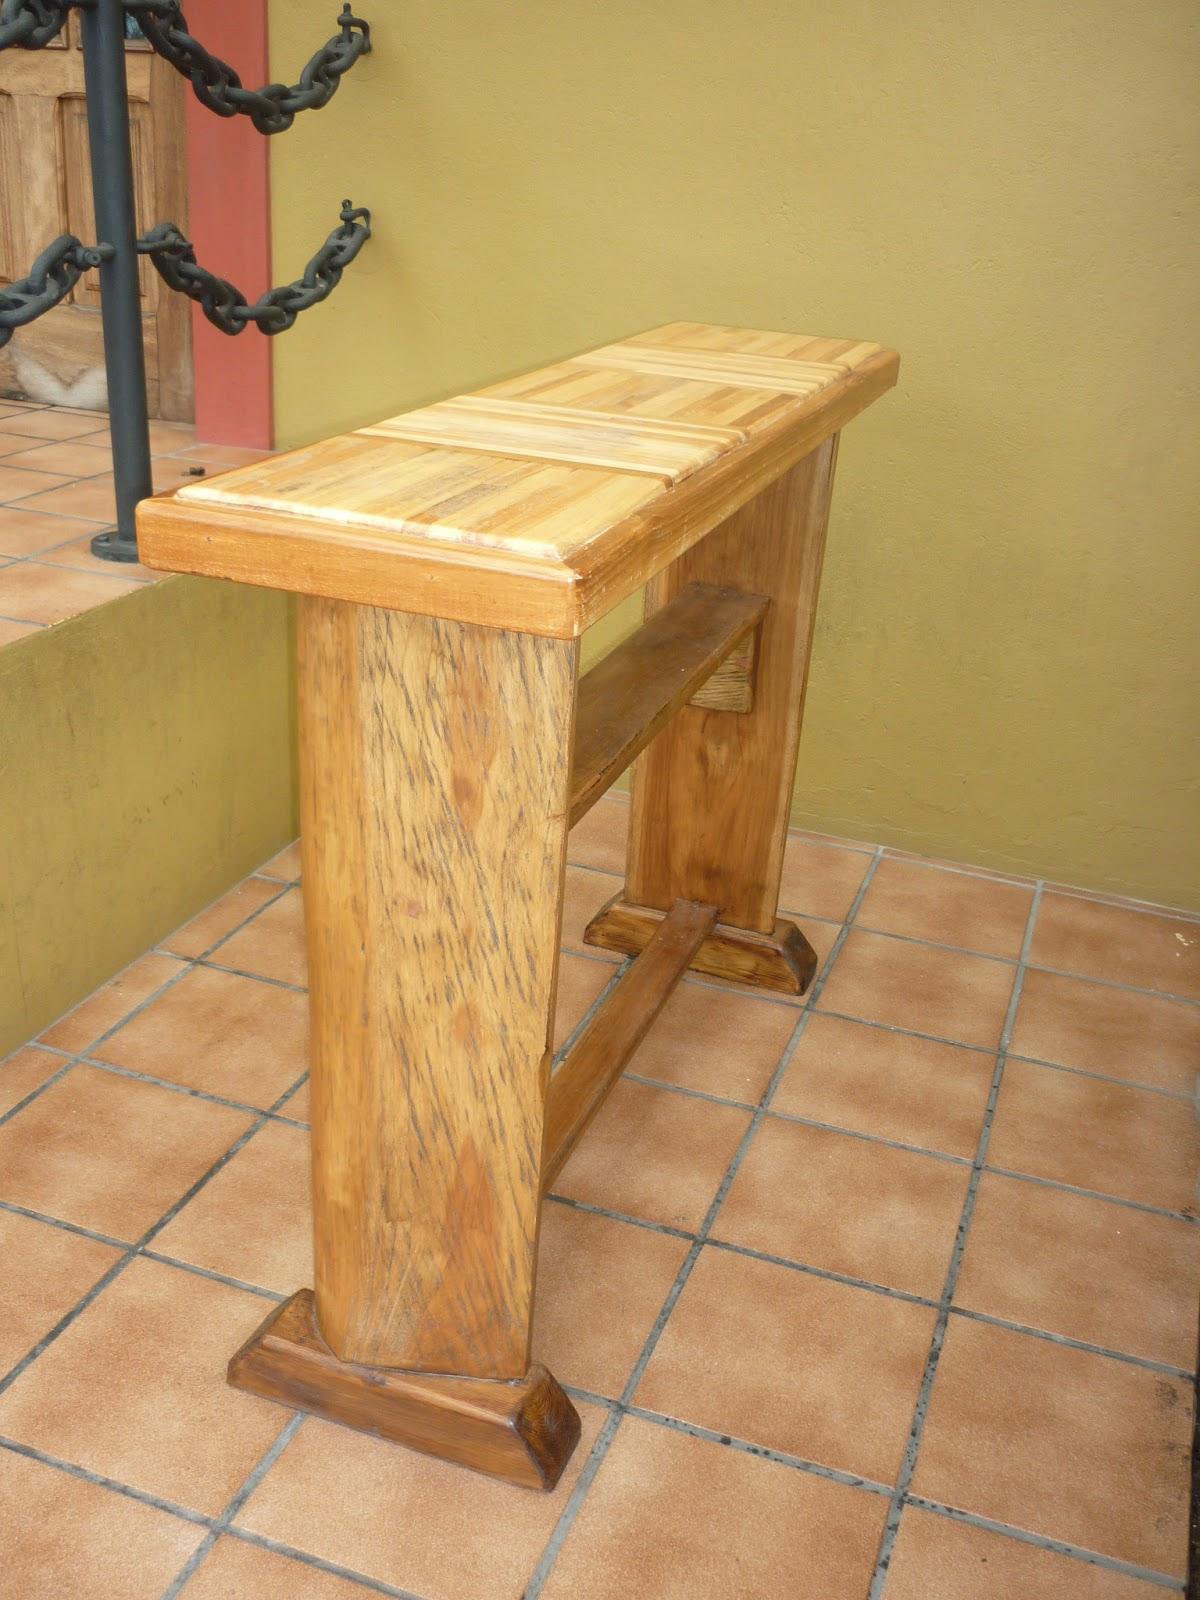 Artesan a decoraci n para bares mesones bodegas etc for Mesones de madera